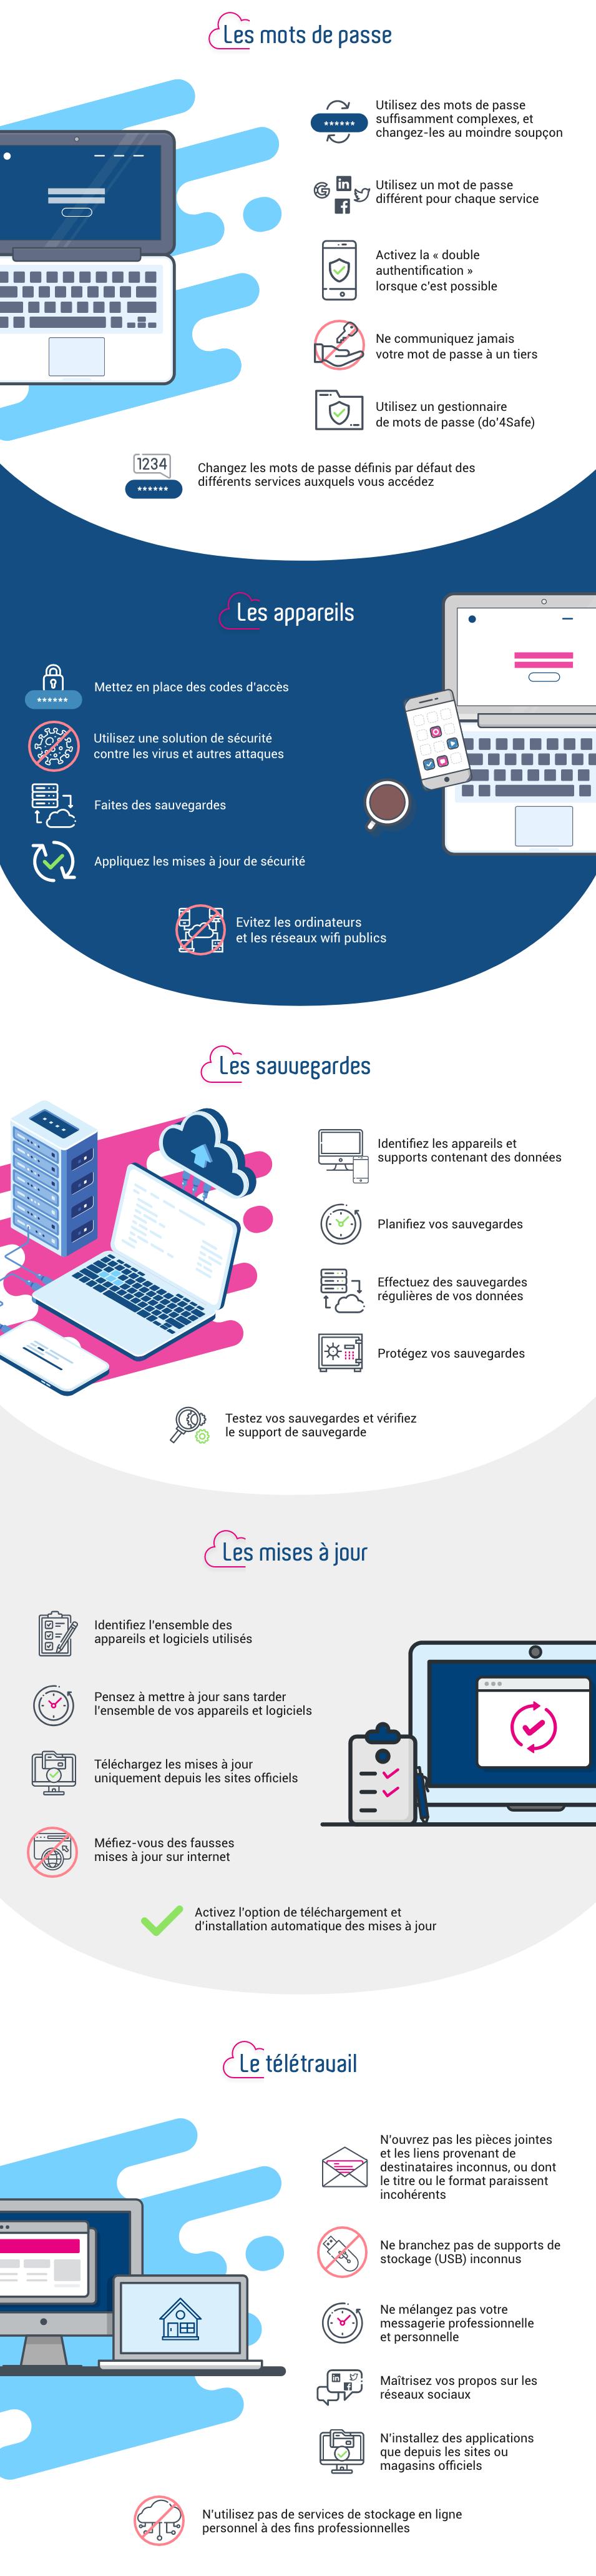 Infographie sur les bonnes pratiques de cybersécurité et sécurité informatique VFLIT